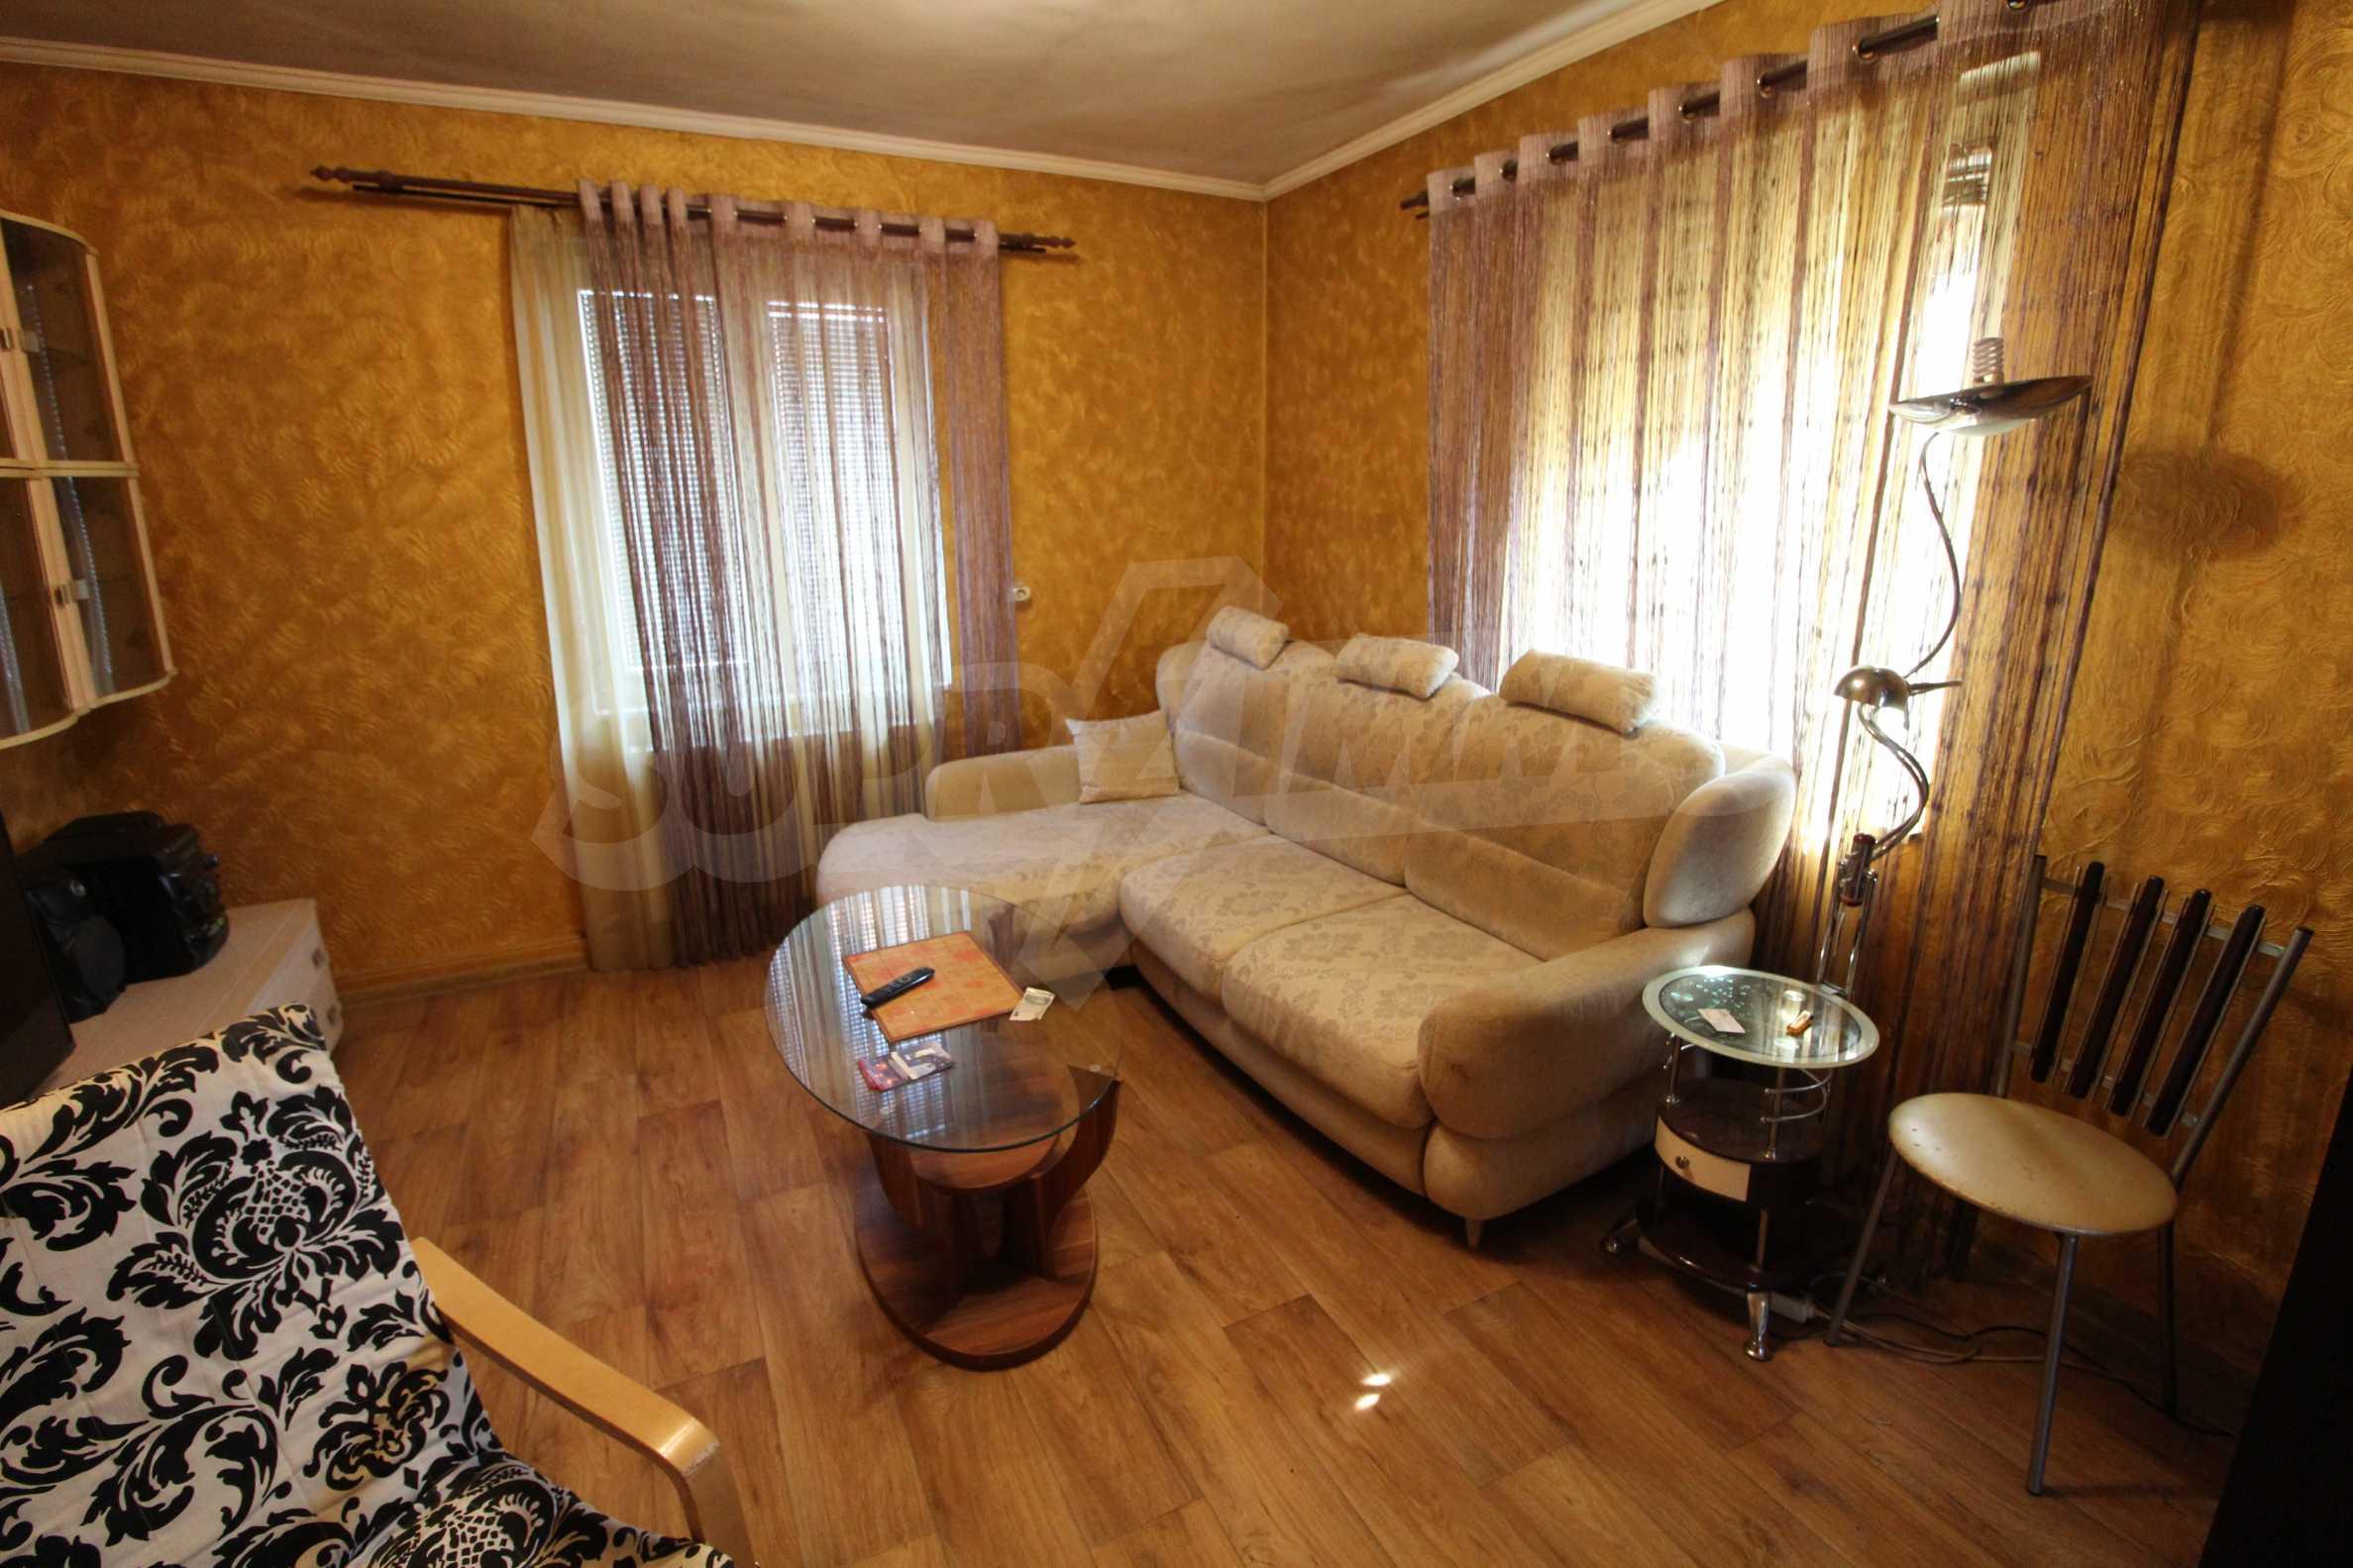 Реновирана двуетажна къща само на 24 км от Велико Търново  38